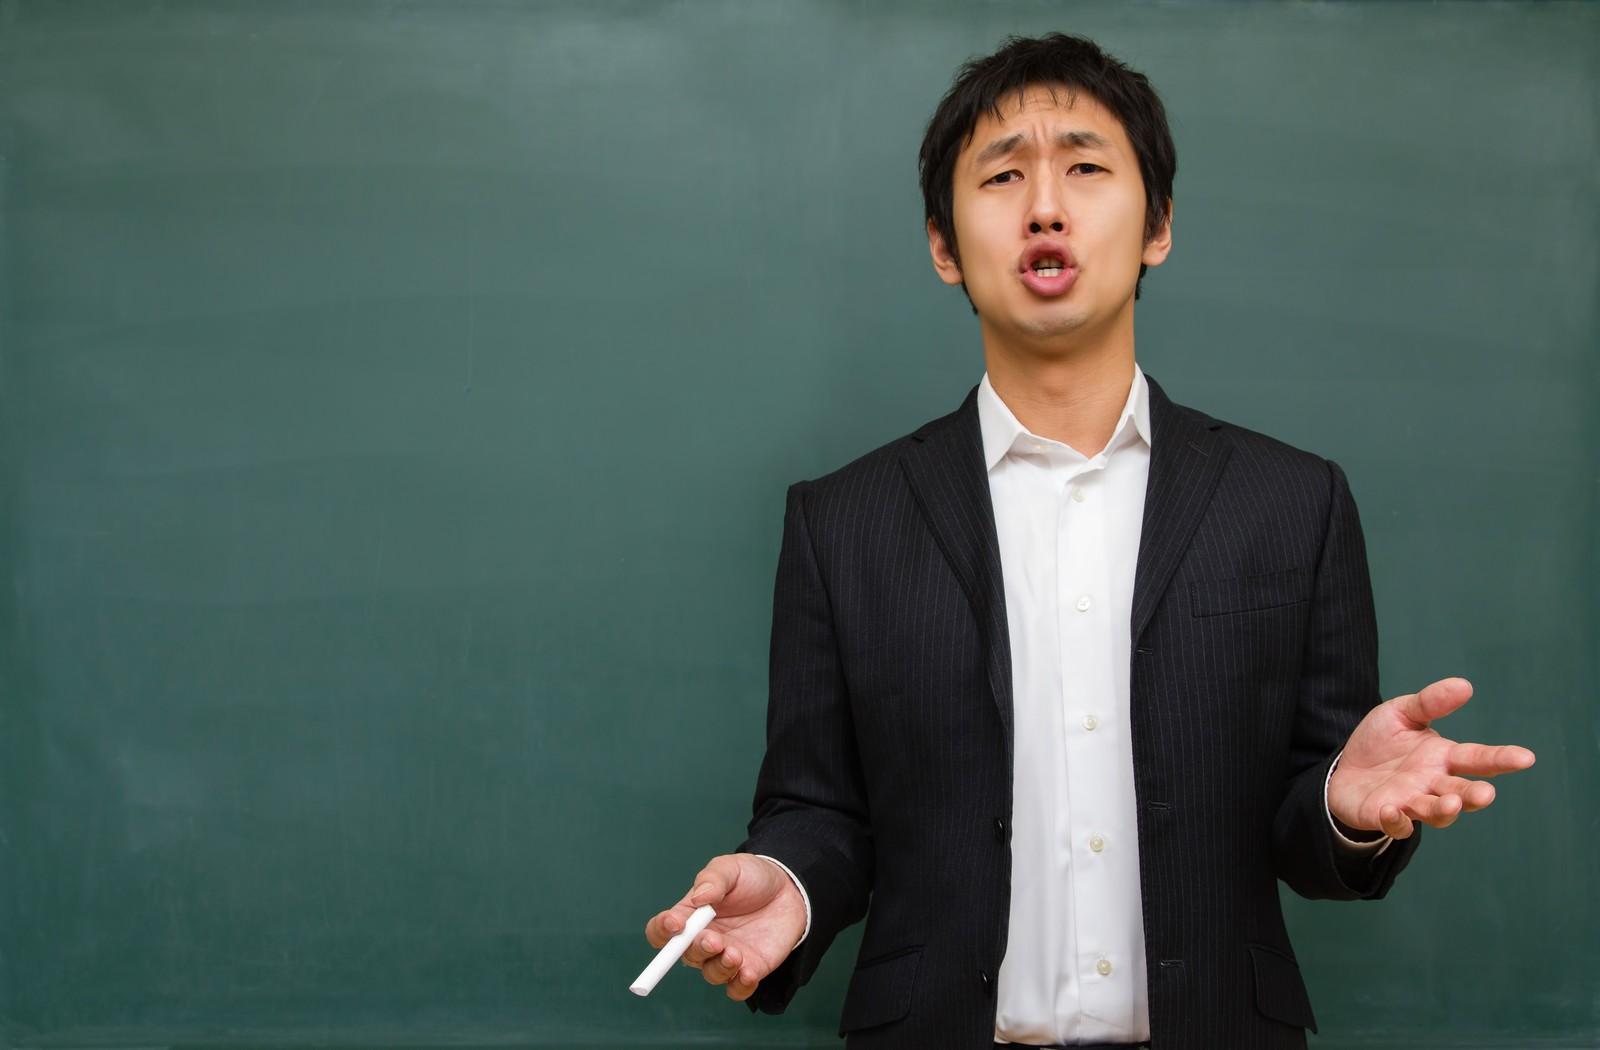 企業法 会計士 試験 学習法